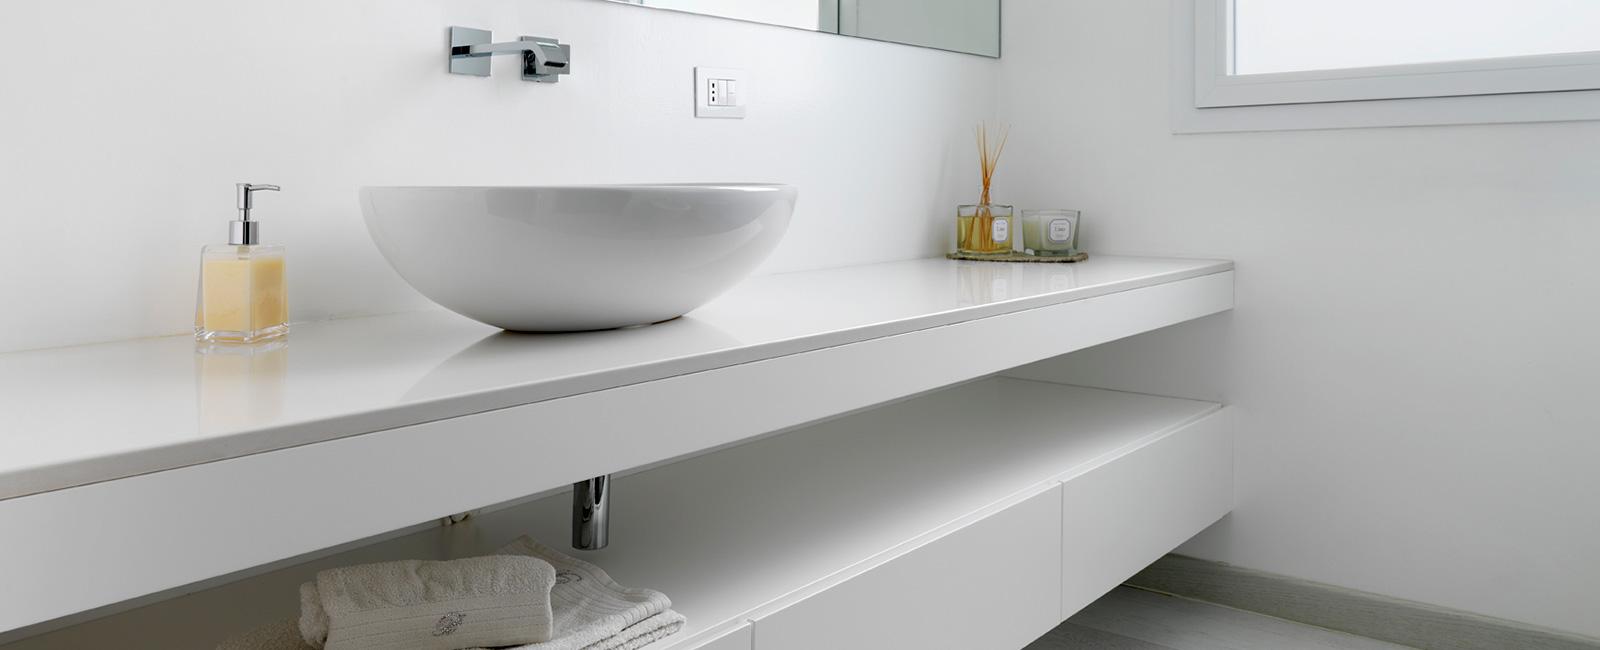 Mobili bagno in legno su misura falegnameria maestri - Mobili da bagno su misura ...